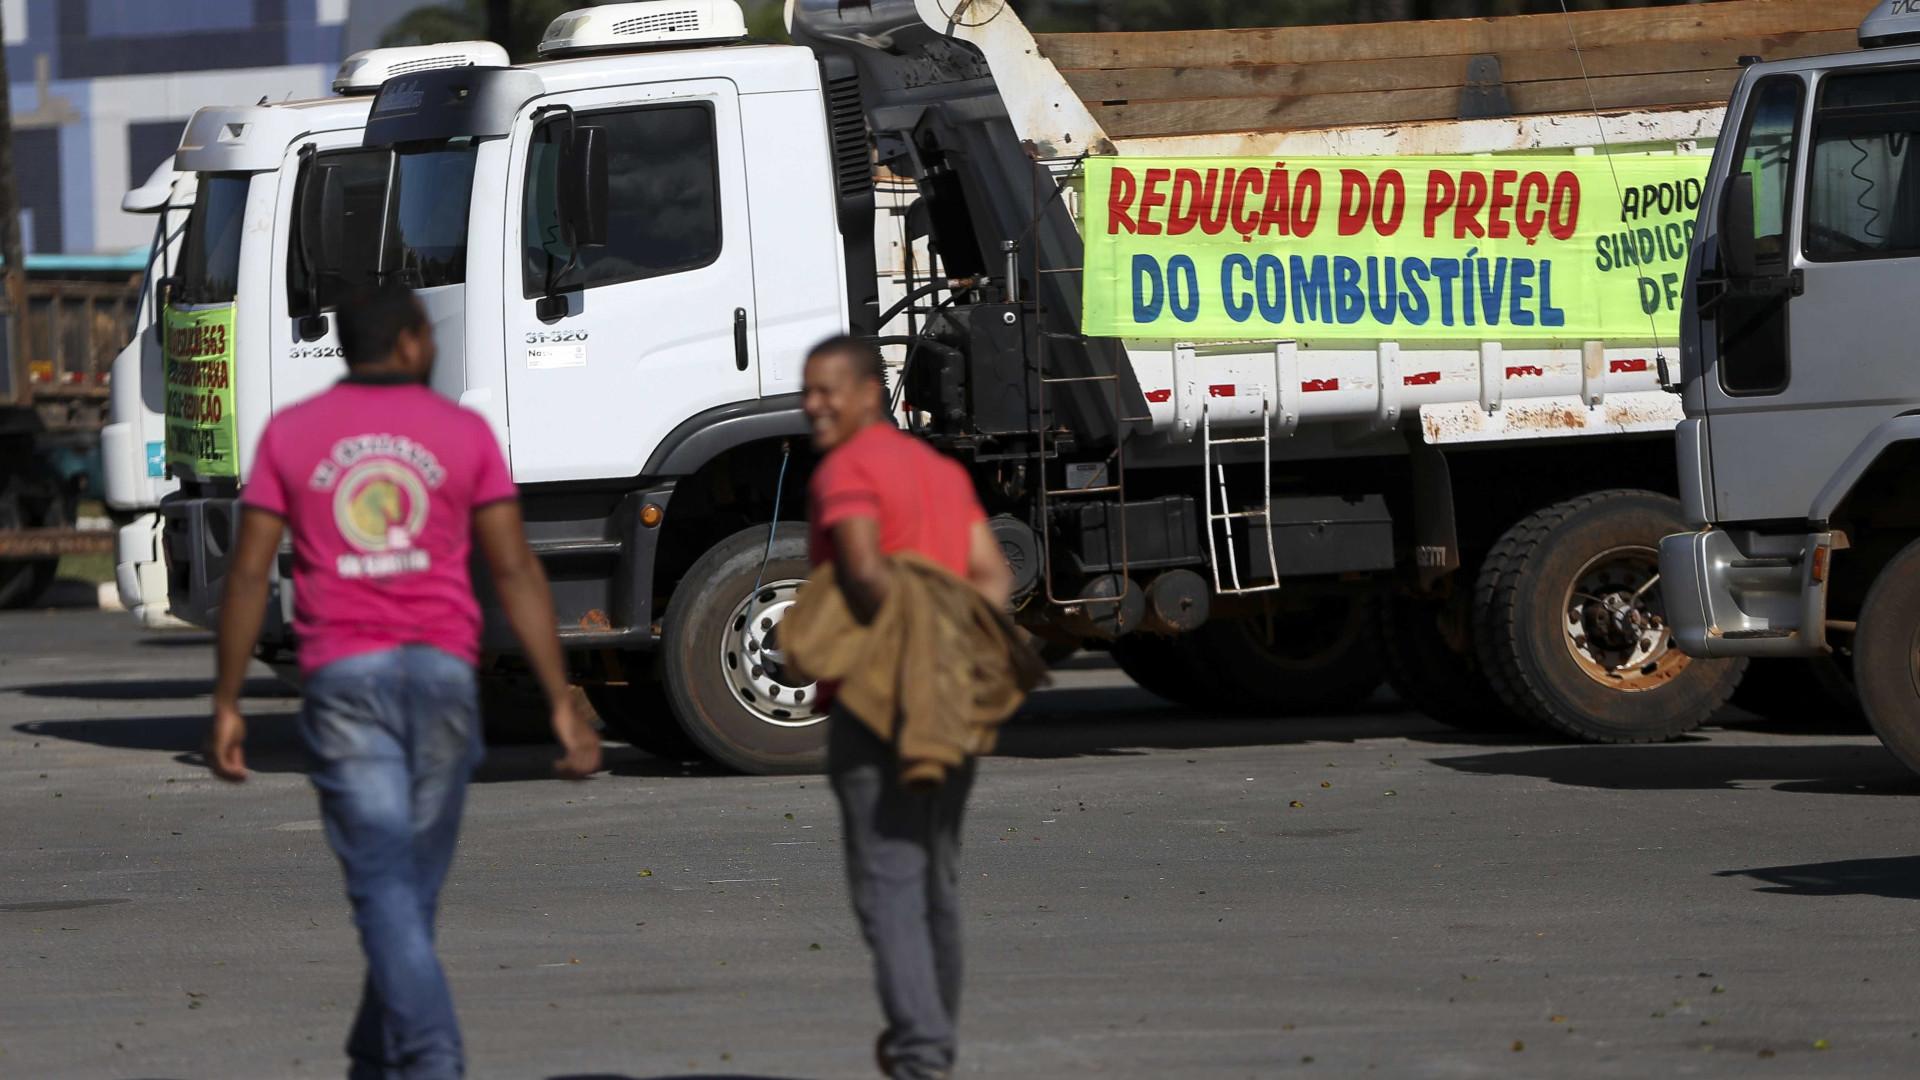 Greve só acaba com queda do preço nas bombas, diz líderes do movimento